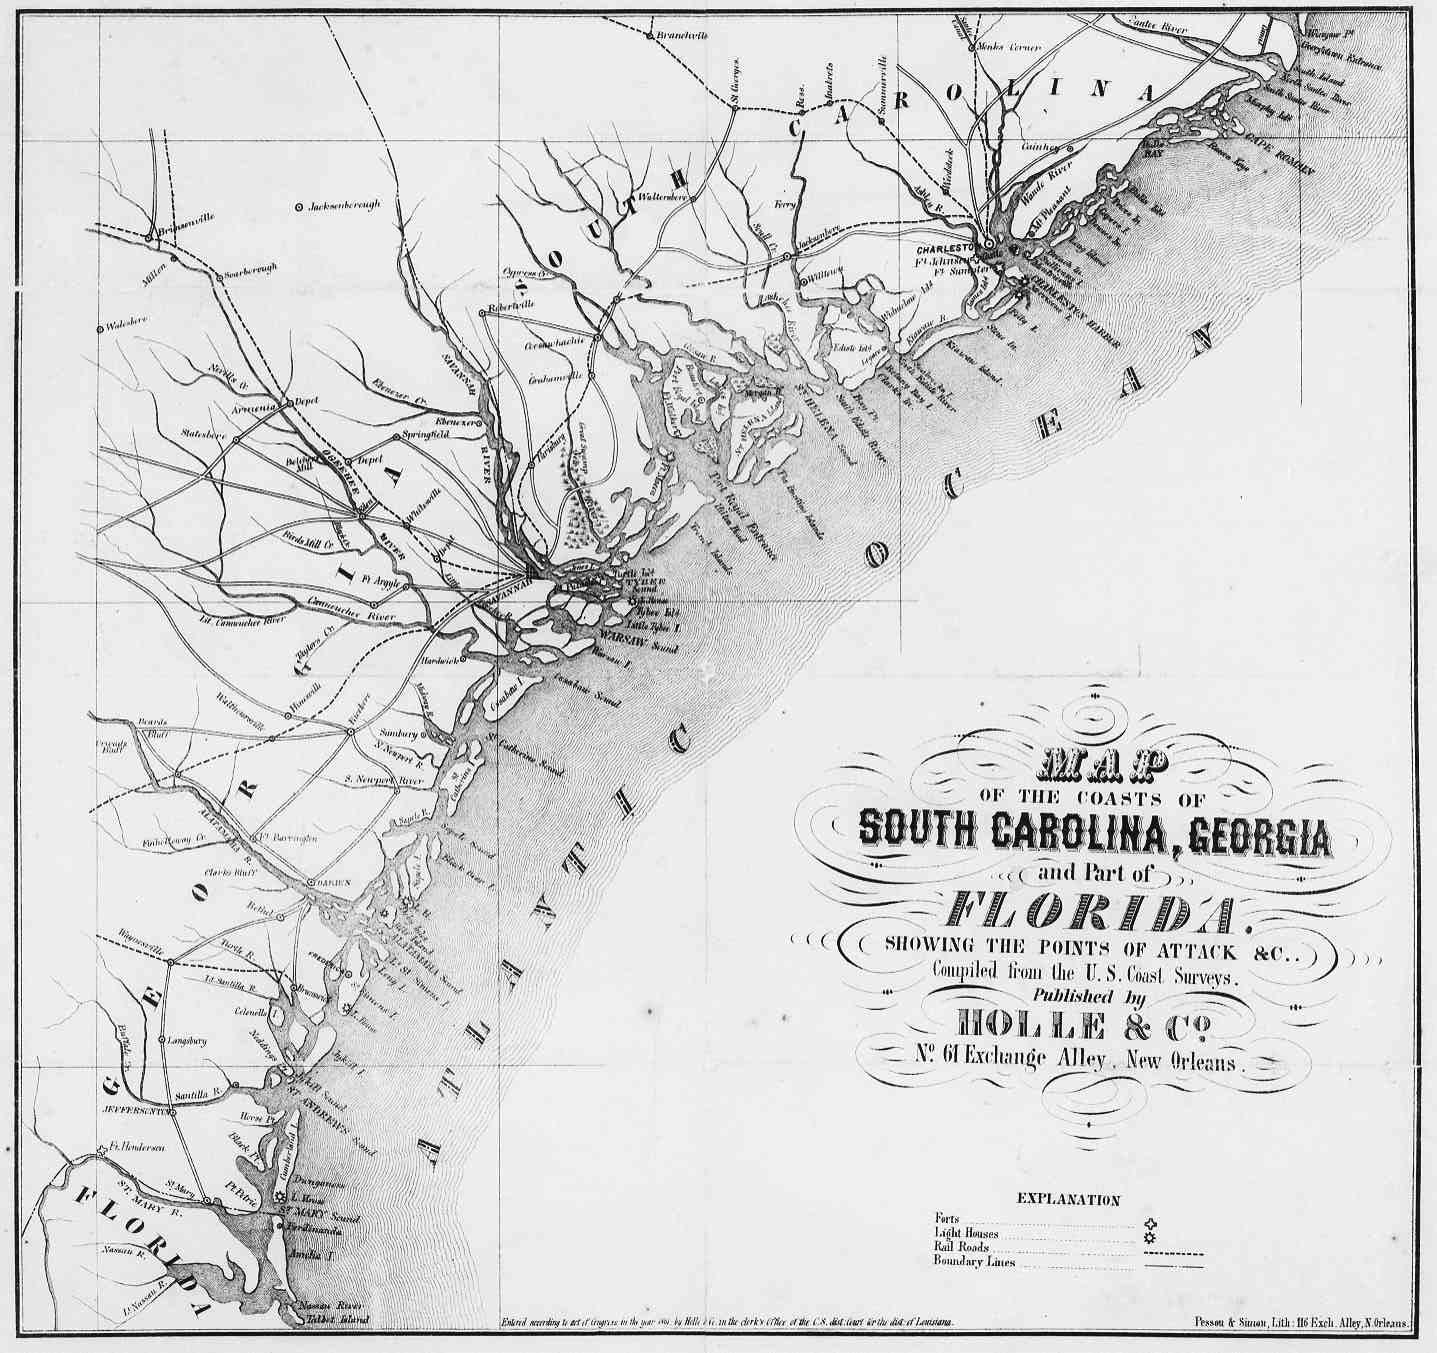 Civil War Era - South Carolina, Georgia and Florida Coasts